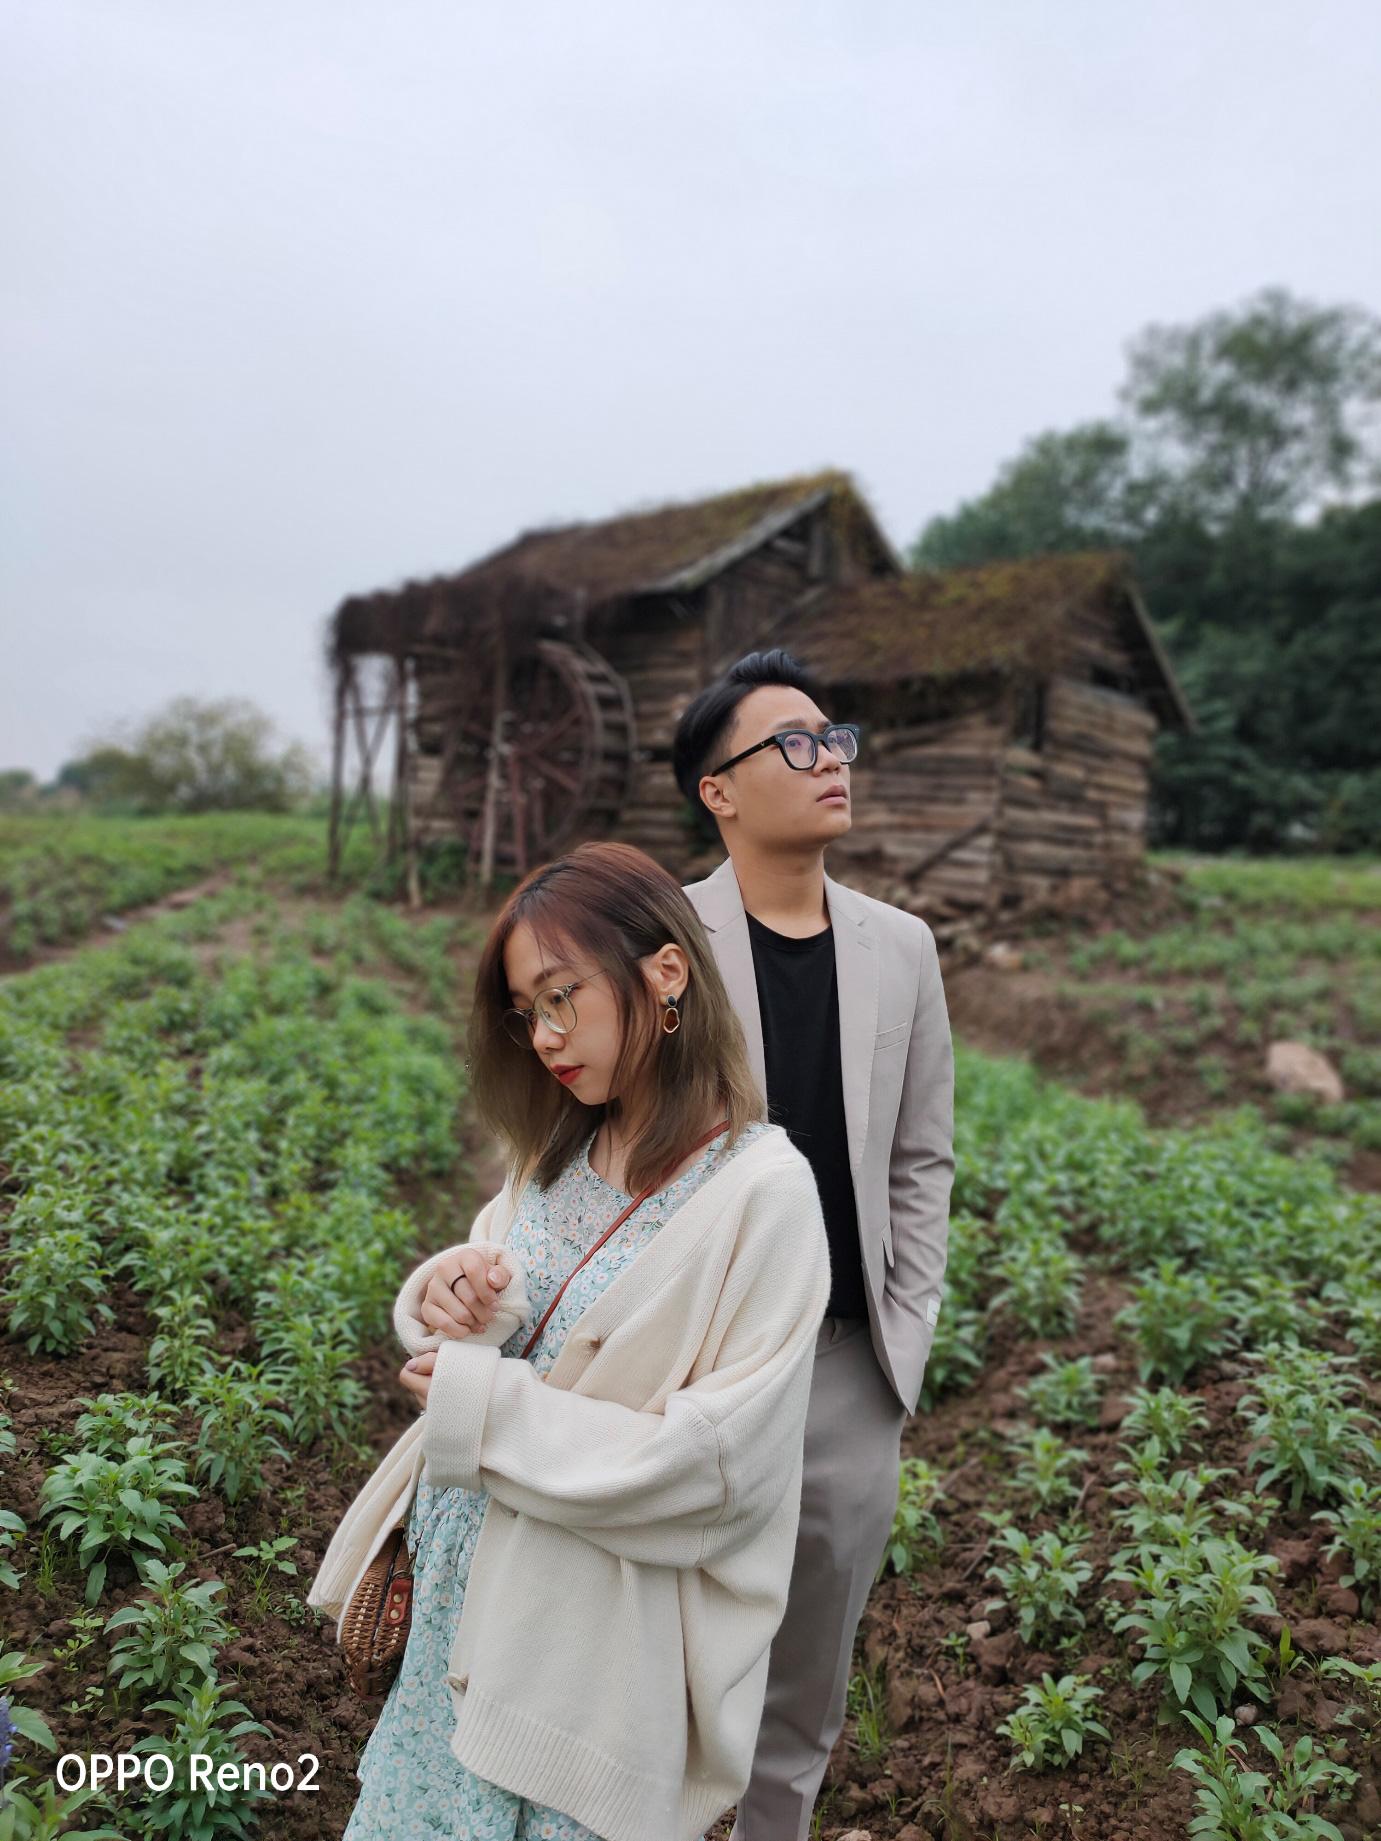 Đi Nhật, Hàn làm gì cho xa khi ở Hà Nội cũng có cảnh lá vàng đẹp đến nao lòng - Ảnh 6.